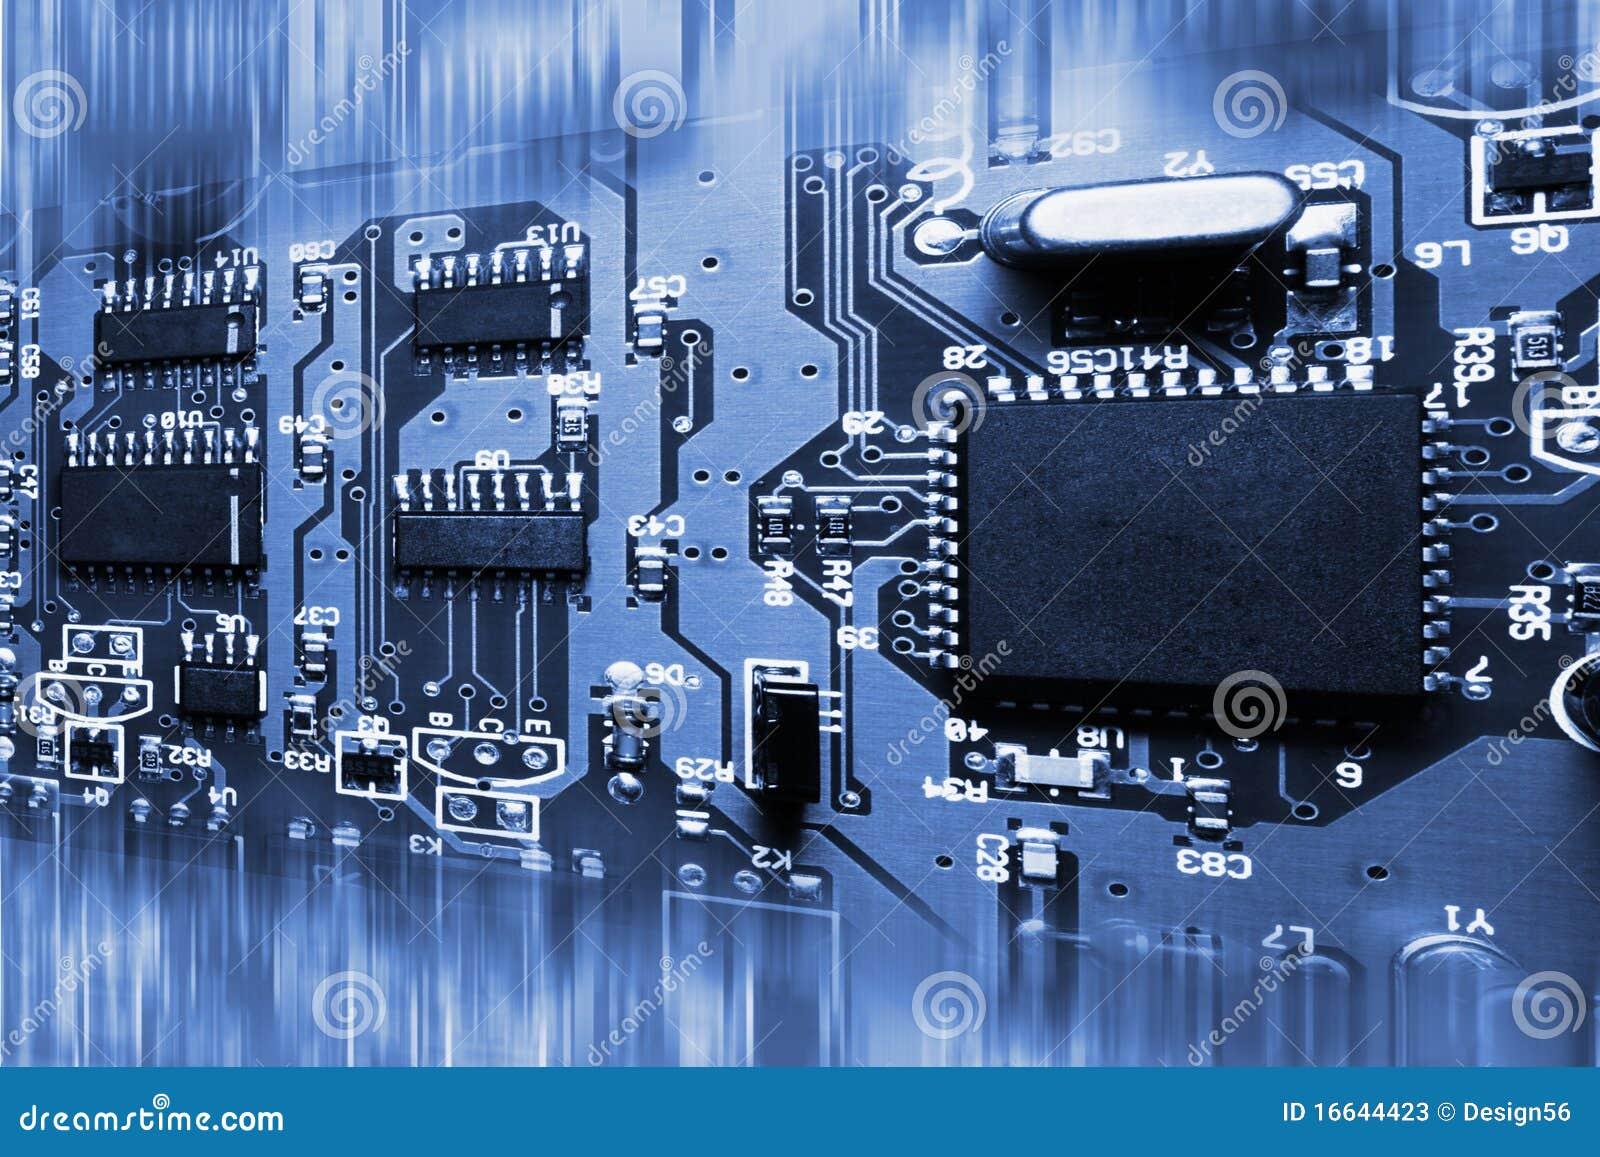 Placa De Circuito Eletronico Azul Abstrata Imagem De Stock